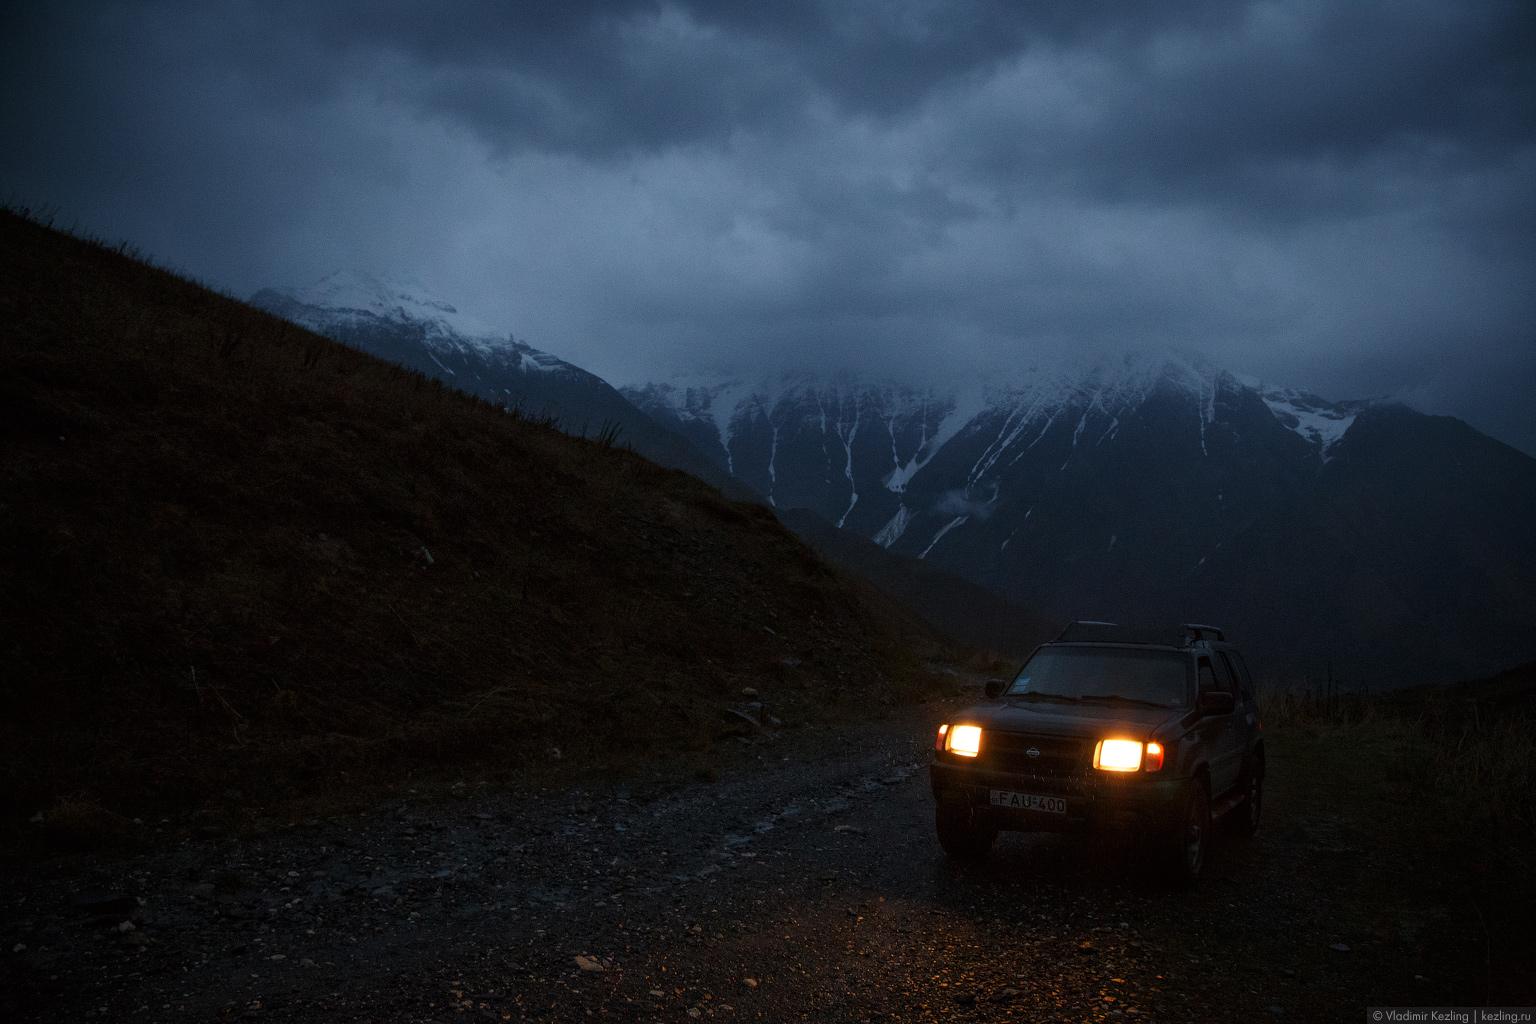 Закавказская осень. Грузия. Нижняя Сванетия: добраться до Ушгули